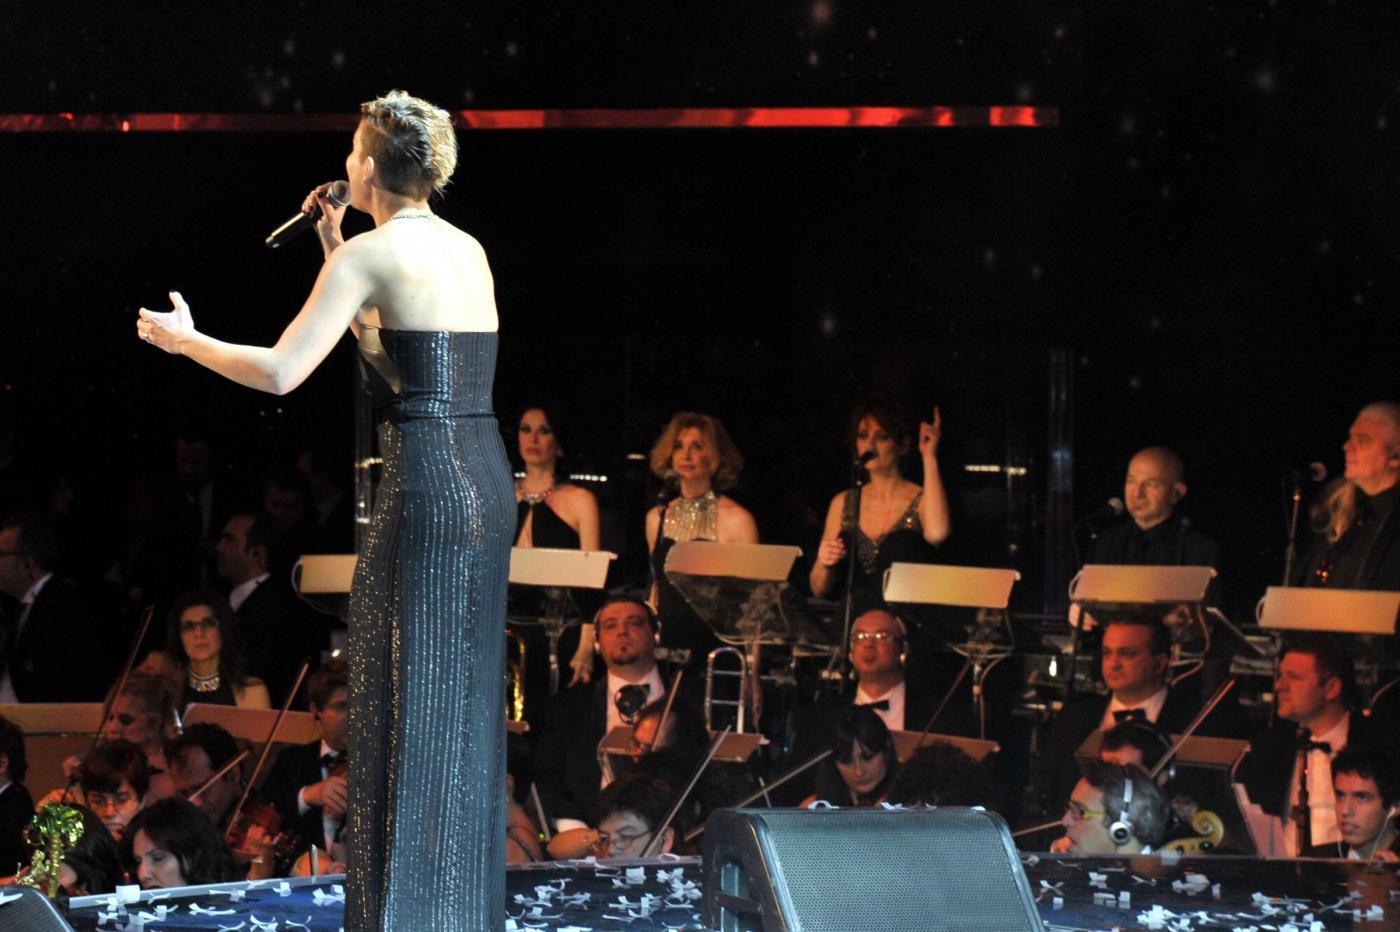 Sanremo 2012, scandalo votazioni: la giuria tecnica non ha votato (?)